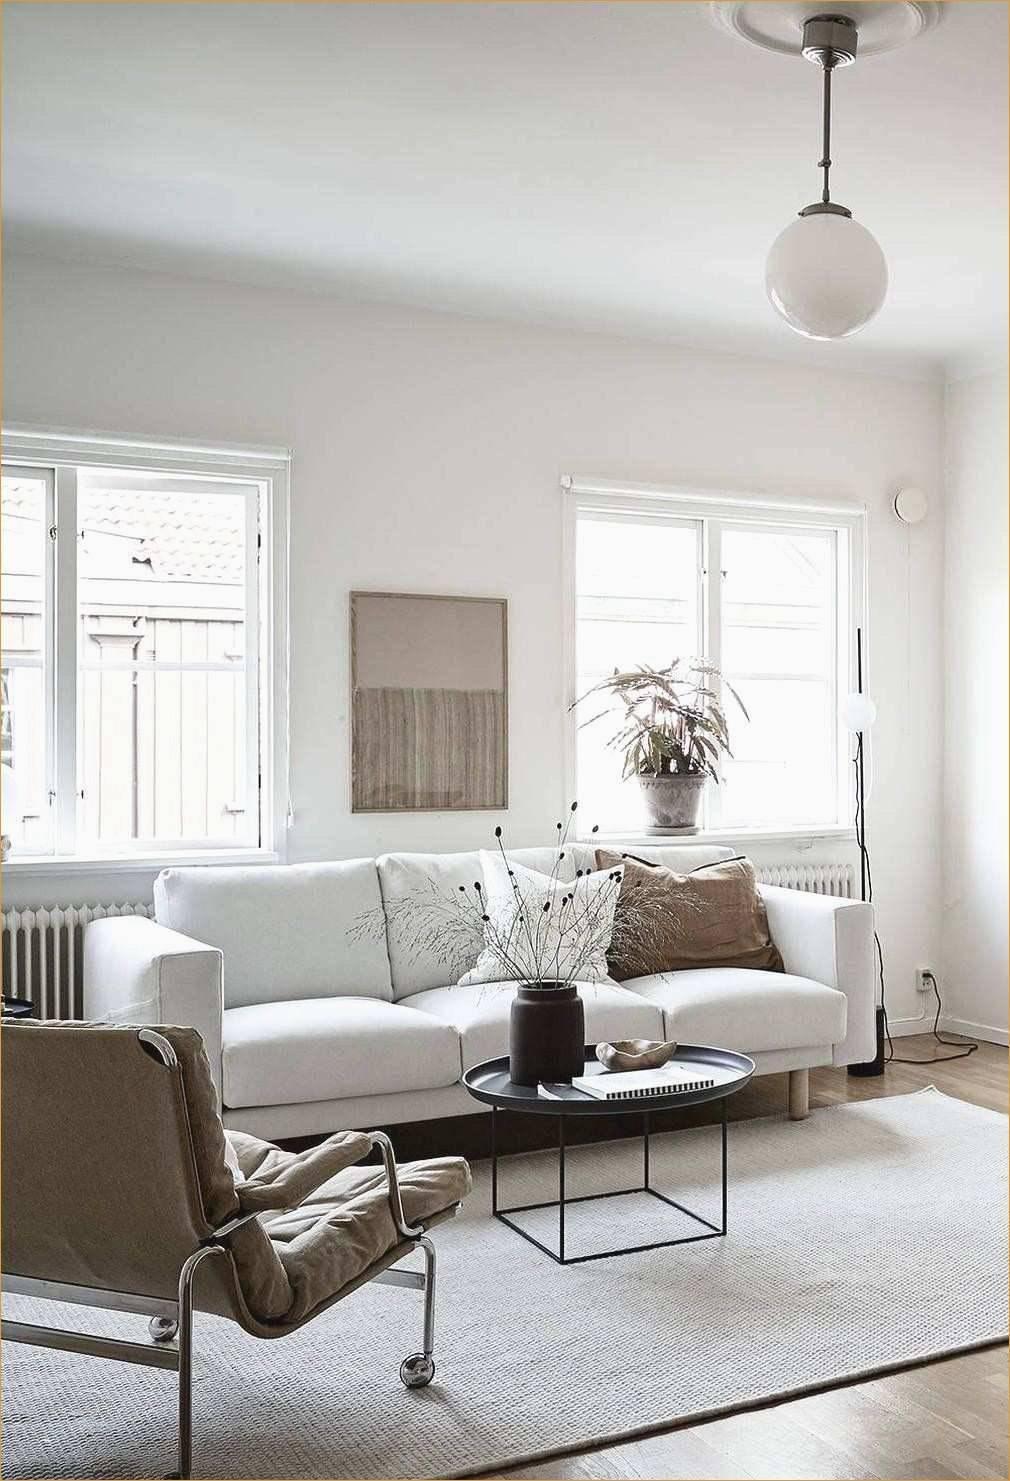 Kleines Wohnzimmer Einrichten Ikea Kleines Wohnzimmer Ideen Haus Ideen Haus In 2020 Mit Bildern Wohnzimmer Einrichten Kleines Wohnzimmer Einrichten